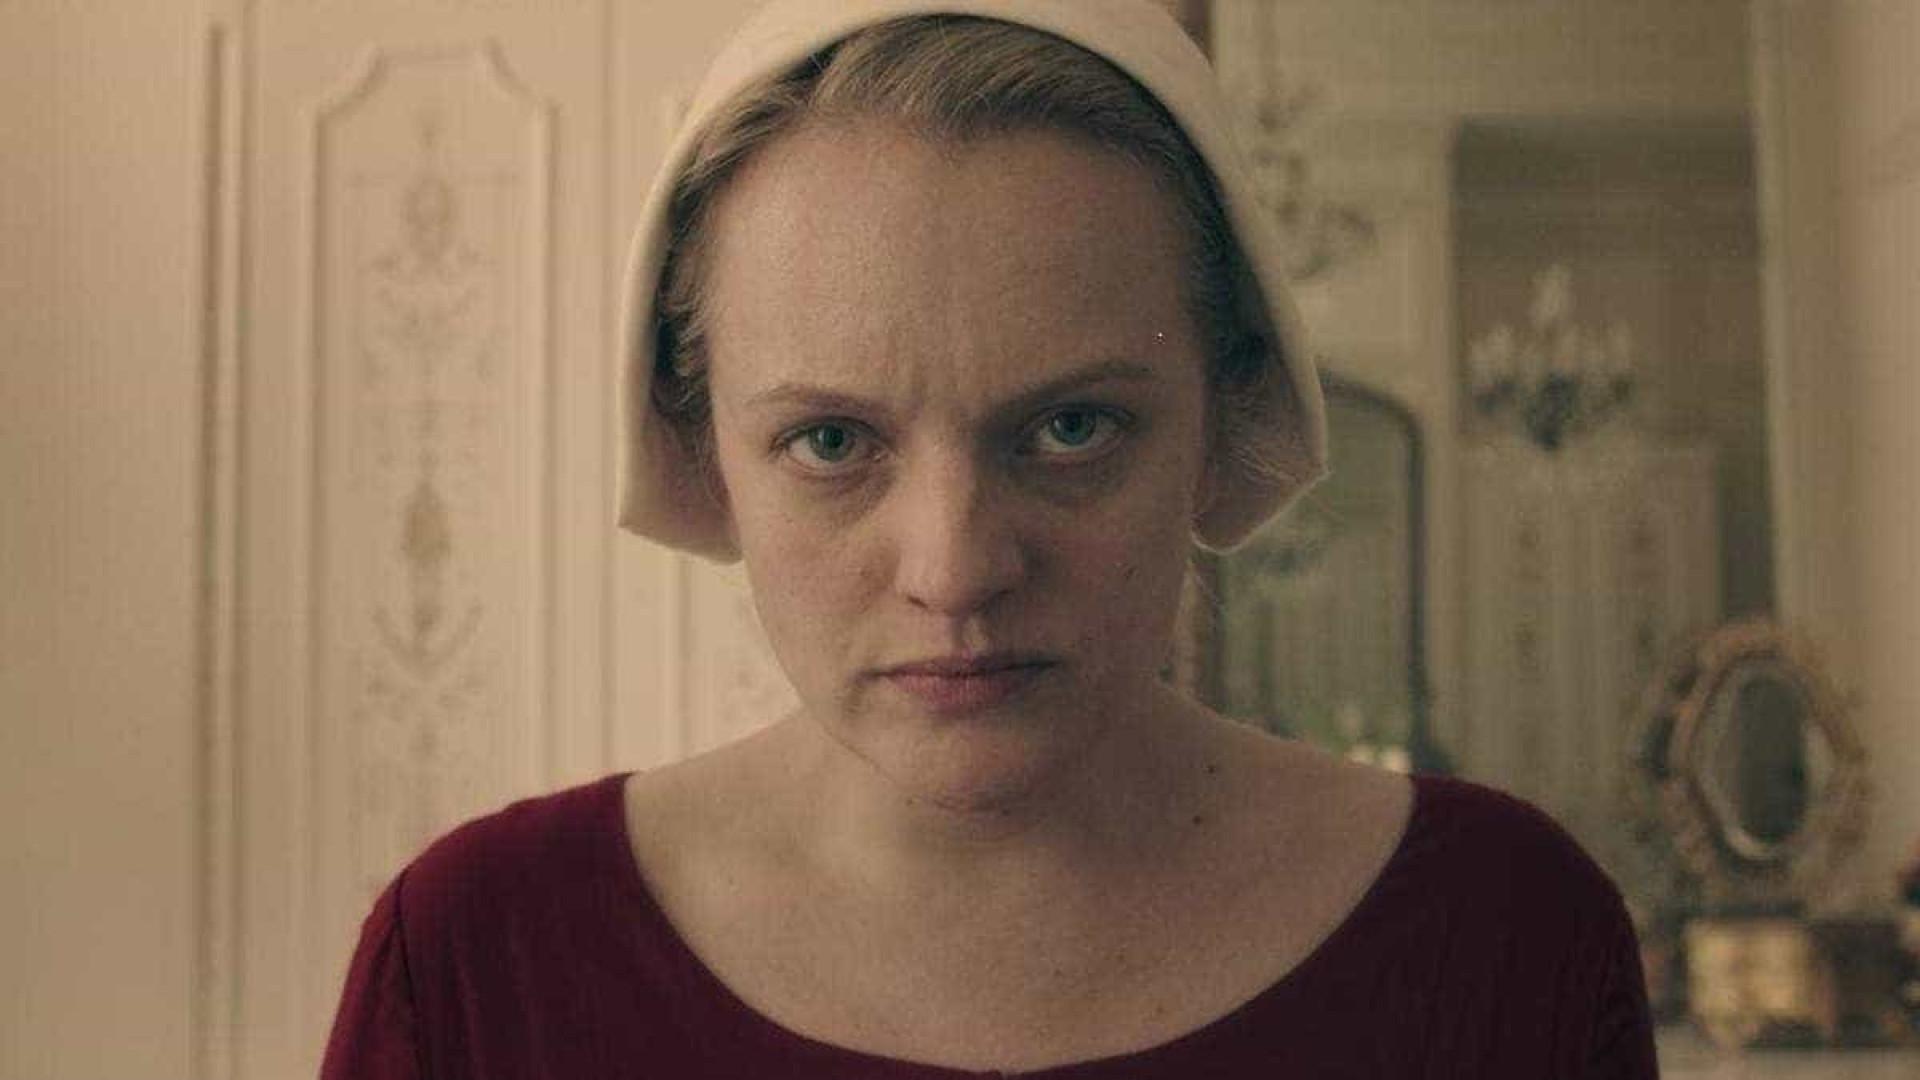 Série 'The Handmaid's Tale' bate recorde negativo no Emmy e fica sem troféus